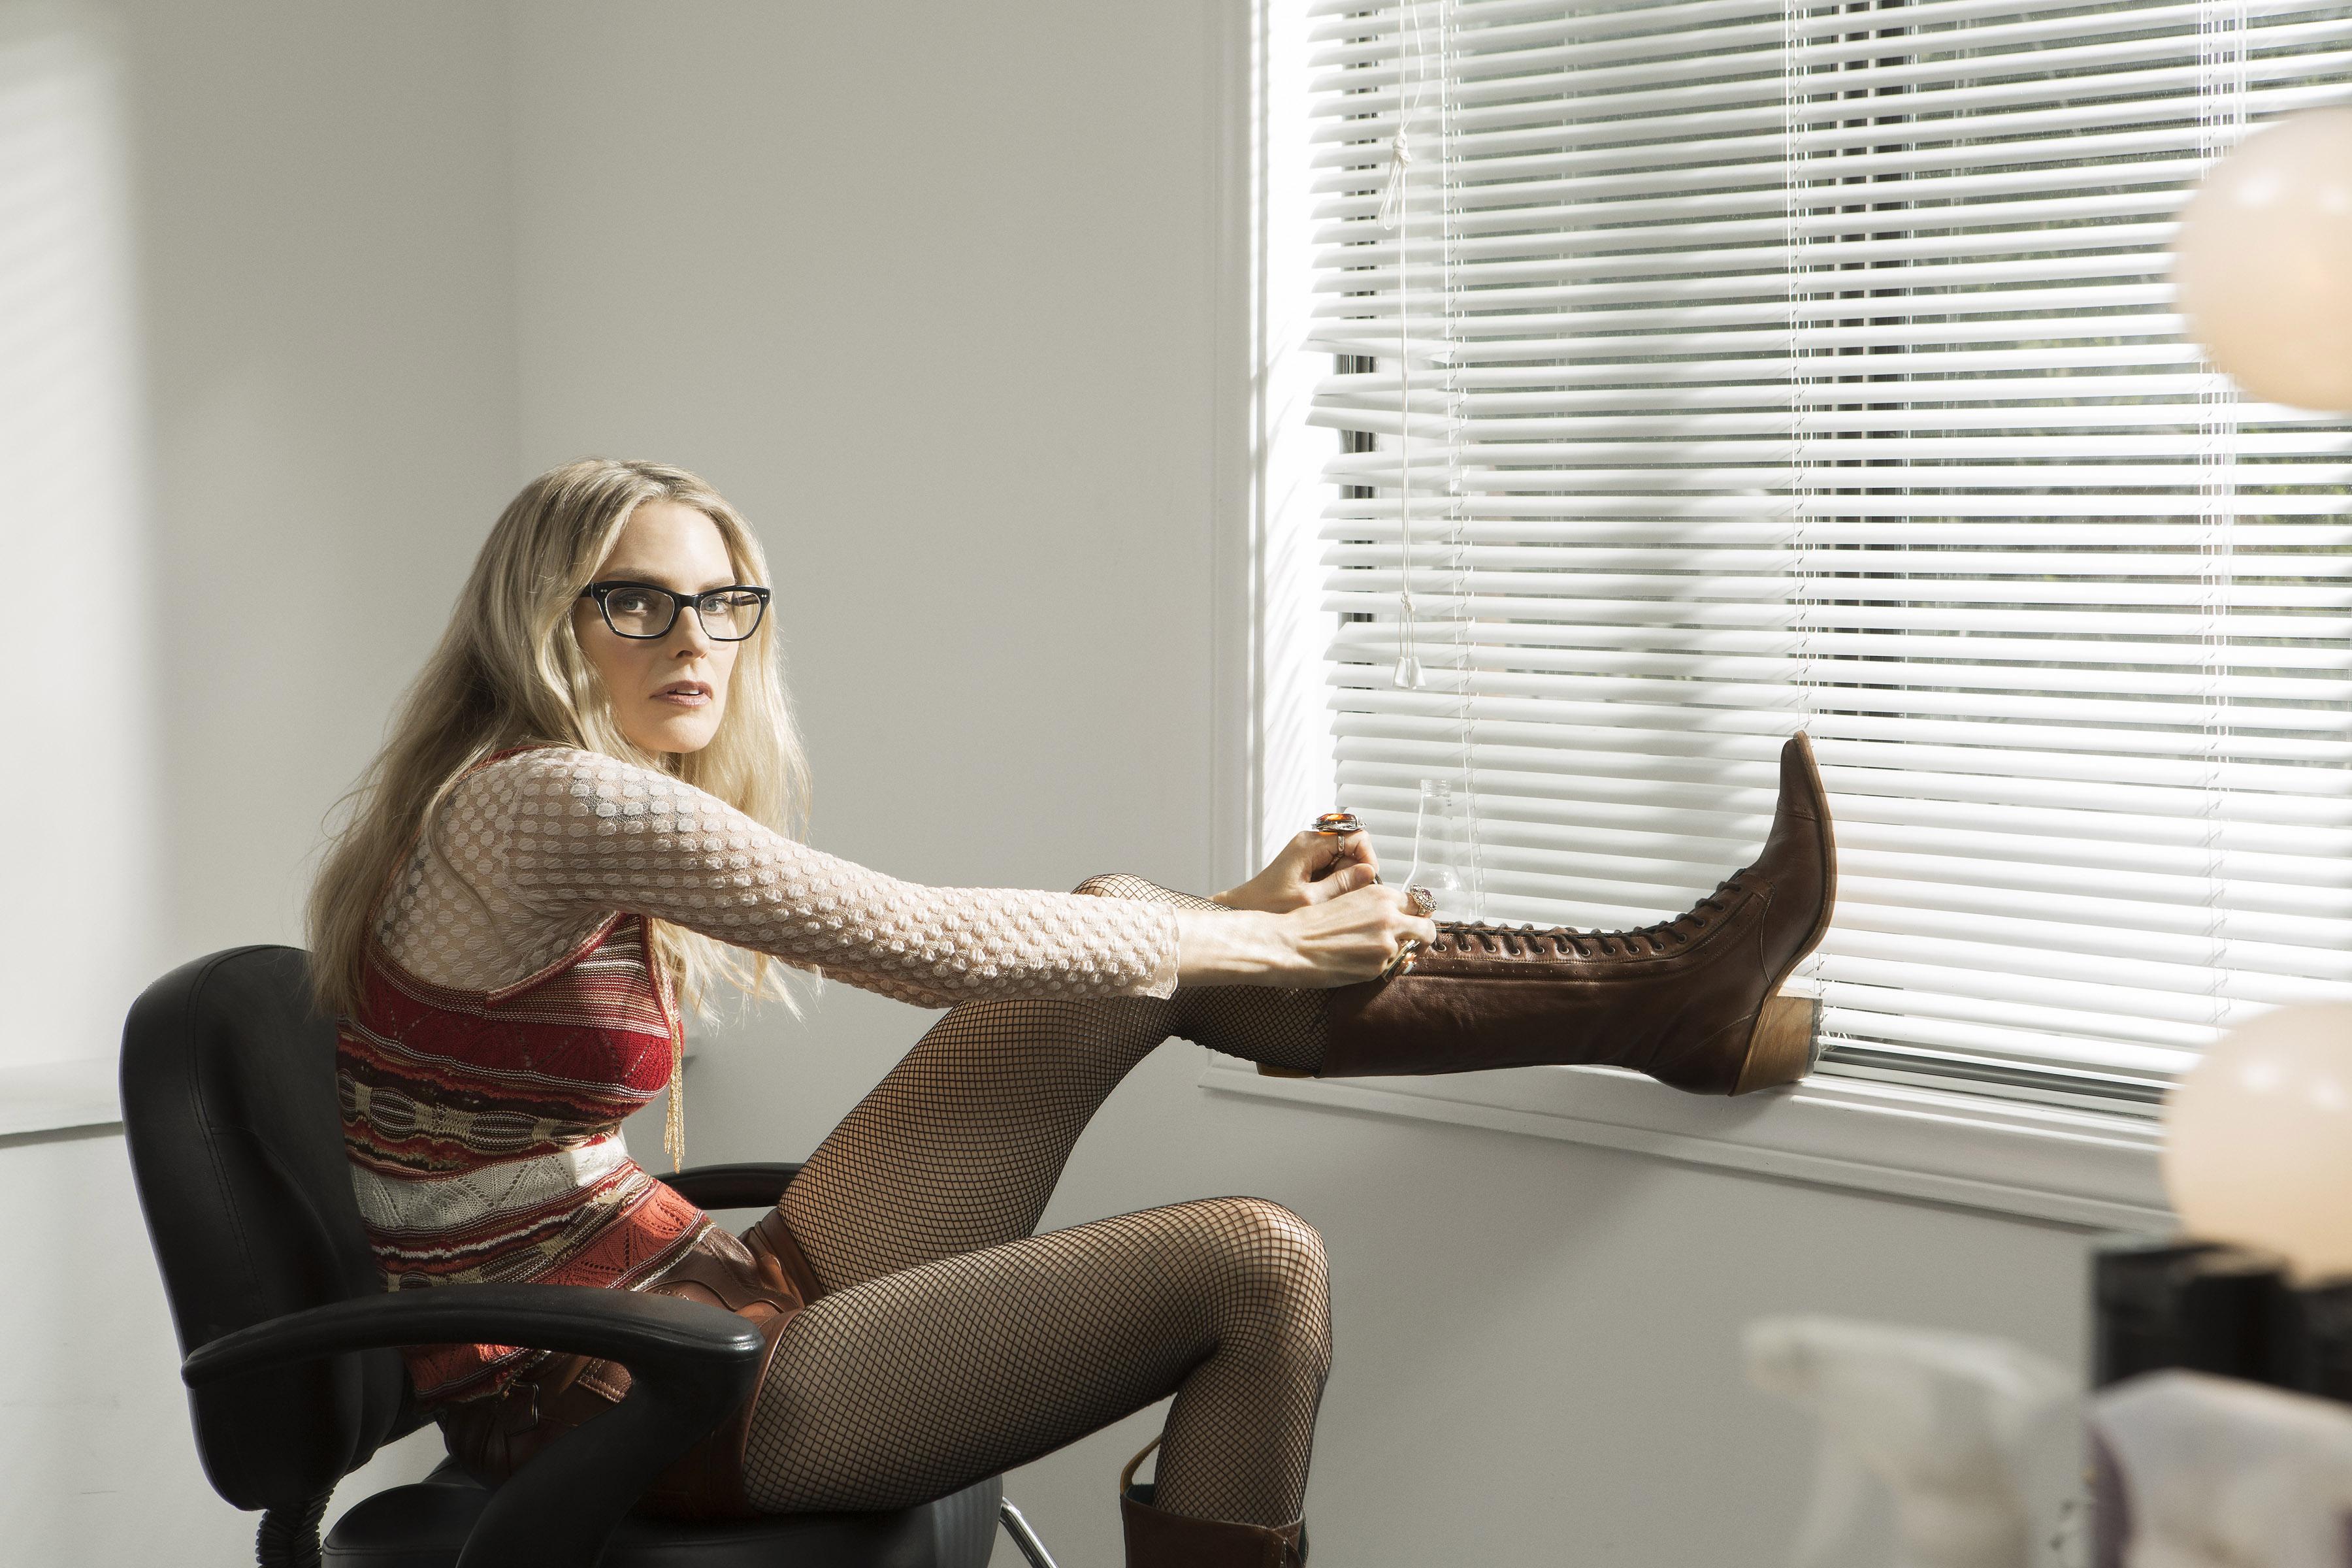 aimee mann2 The Simple Fix: Aimee Mann on Laughing Through Melancholy